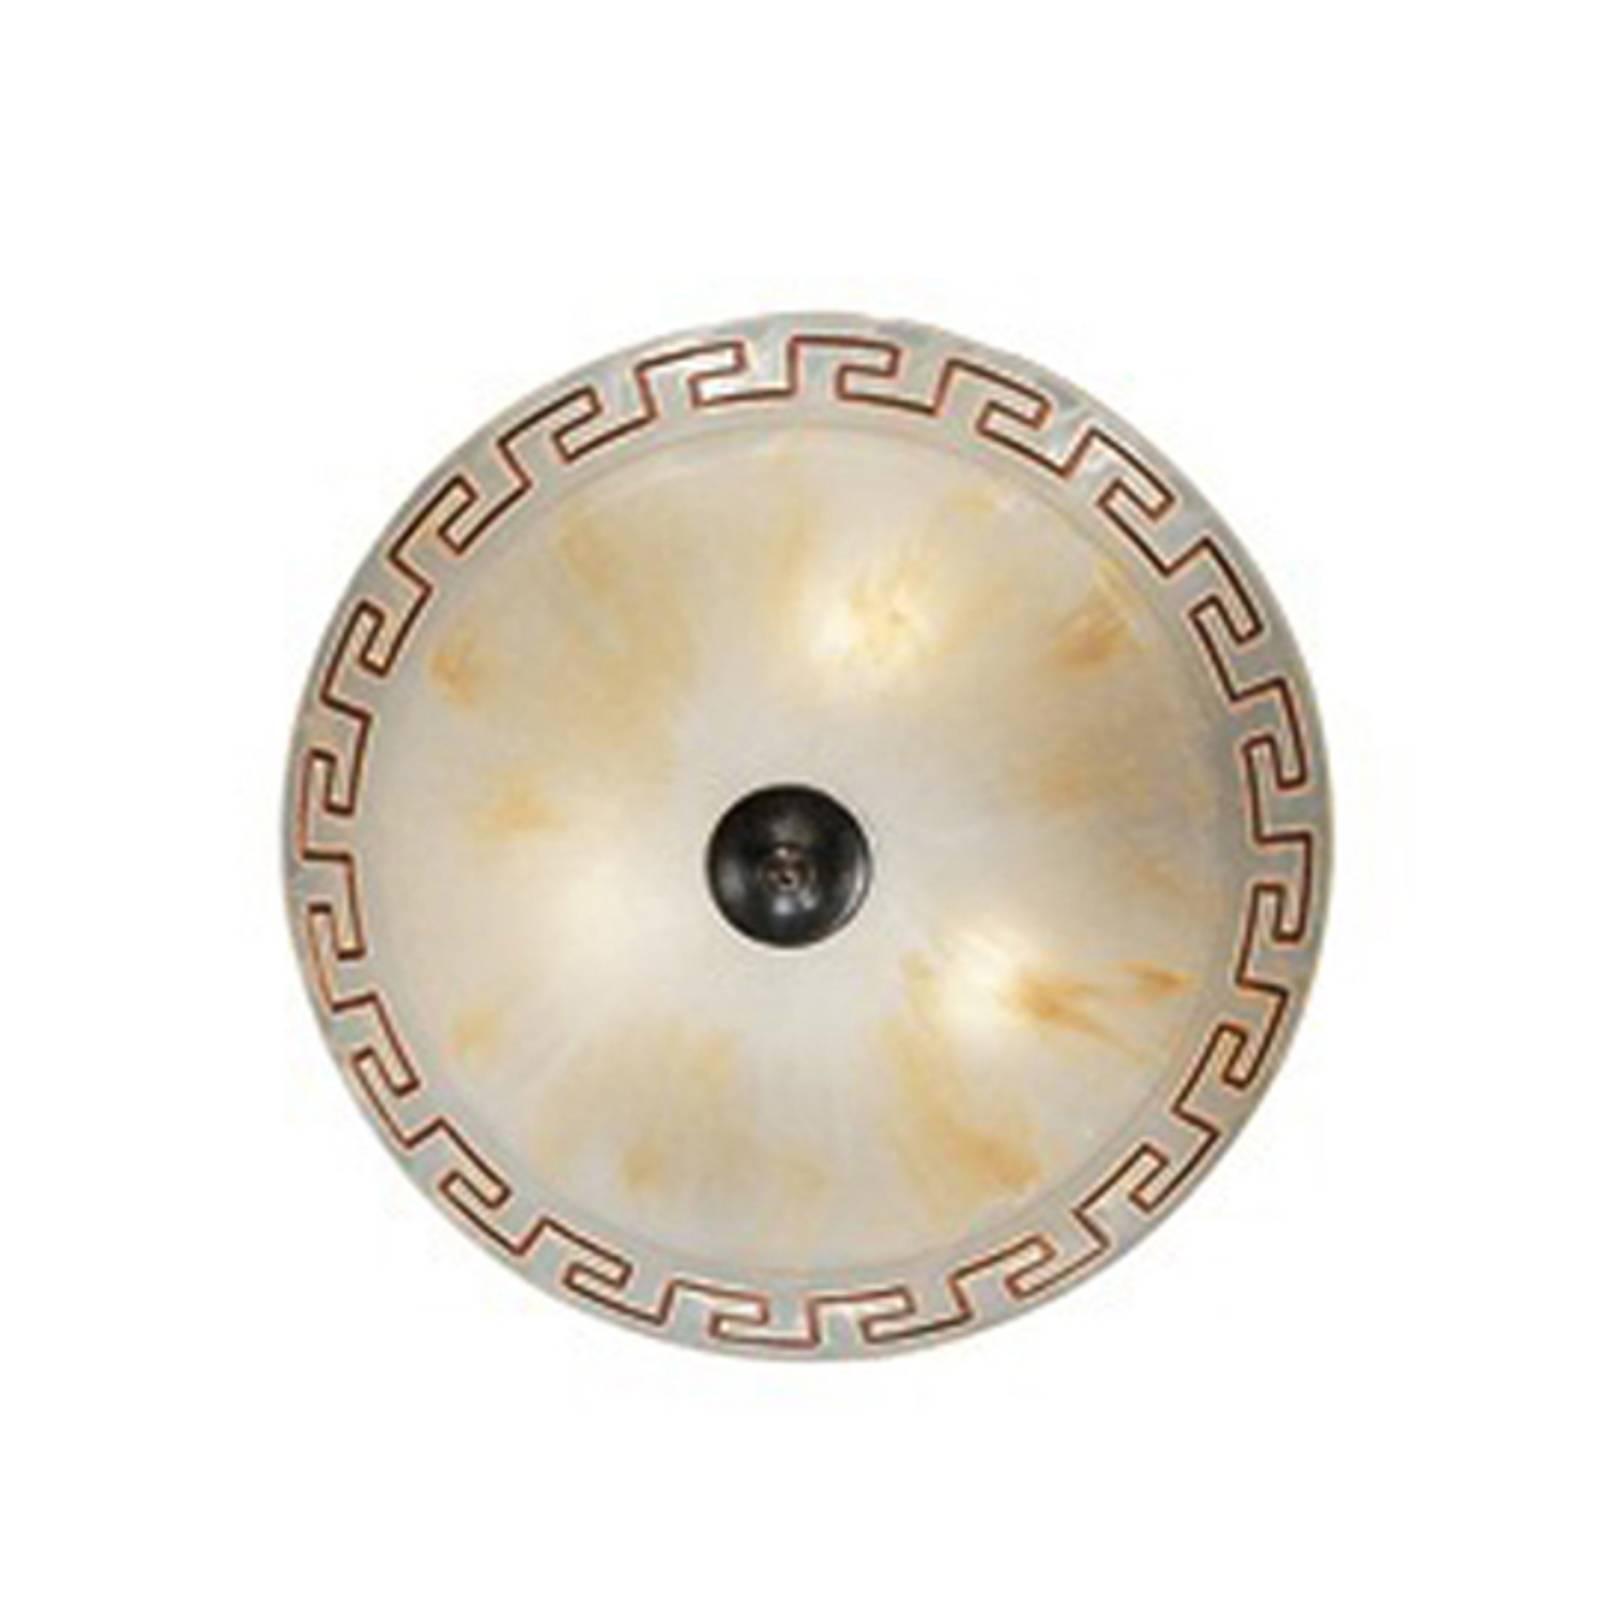 GRECA-kattovalaisin 2-lamppuinen 30 cm